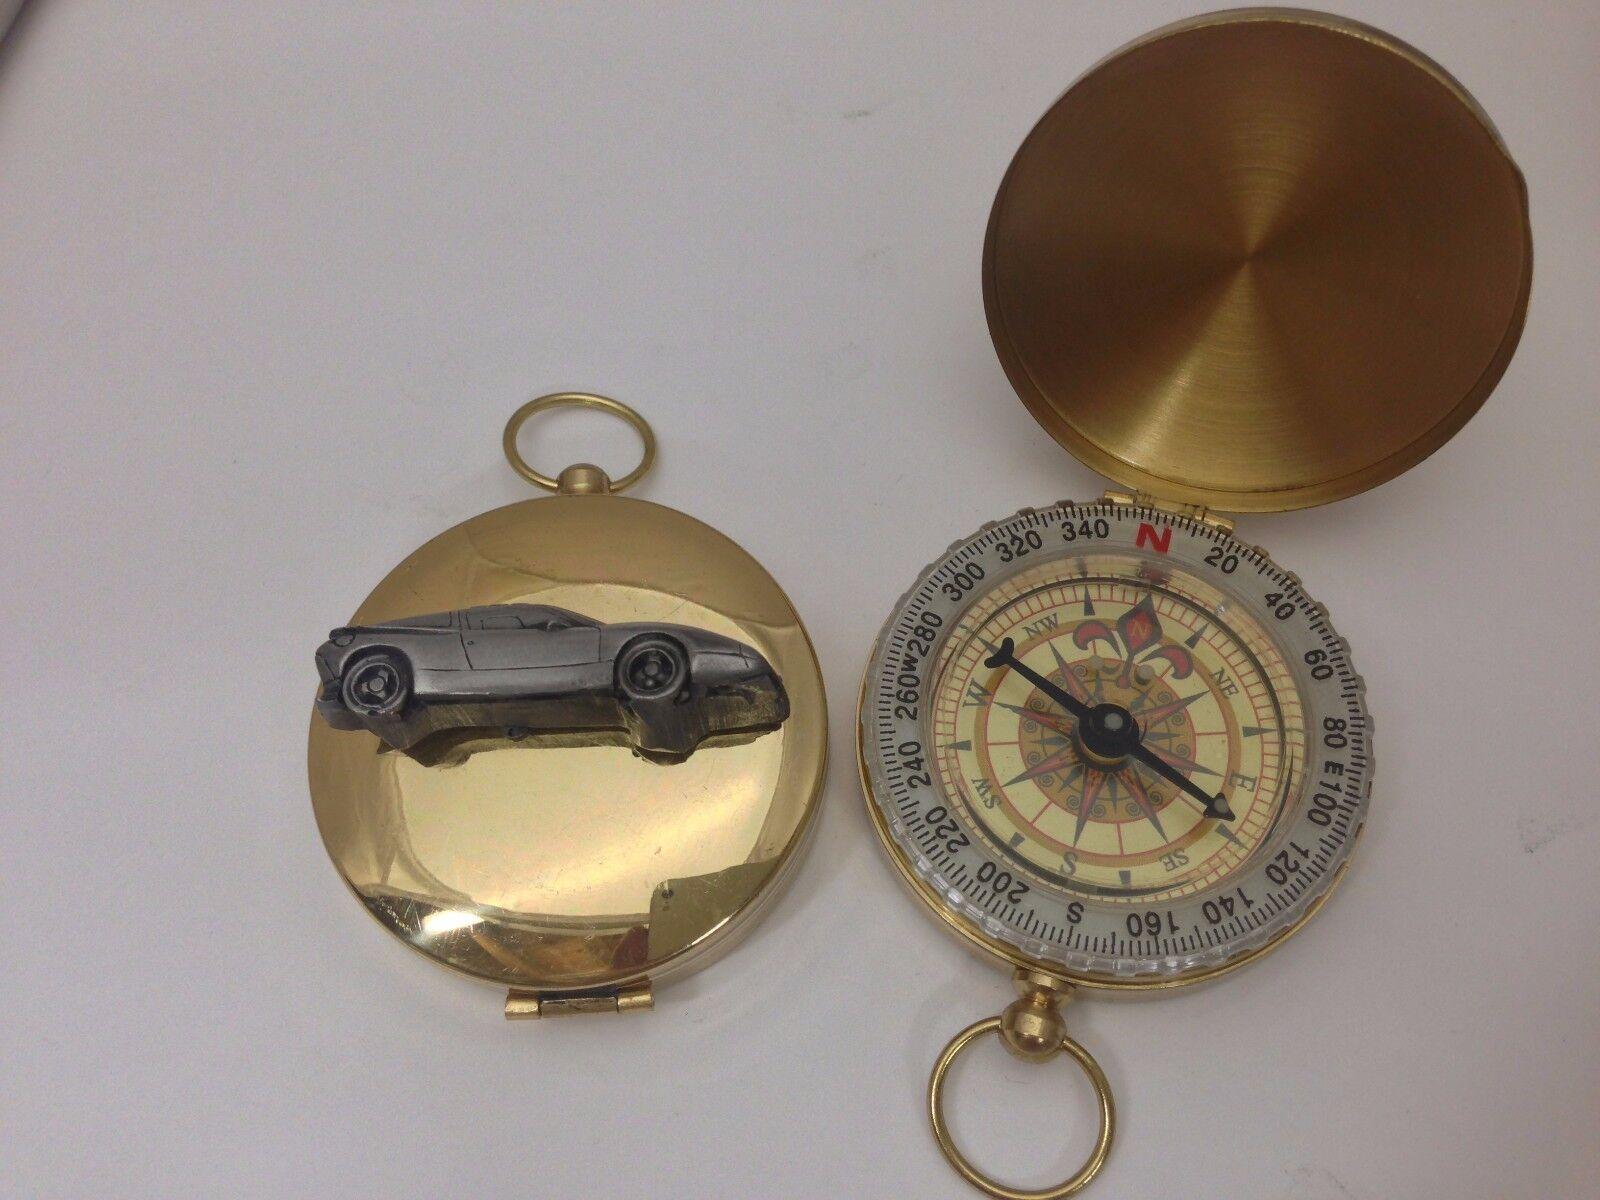 SAAB EV1 REF236 Effet Étain Emblème voiture sur compass un golden compass sur ca5cac